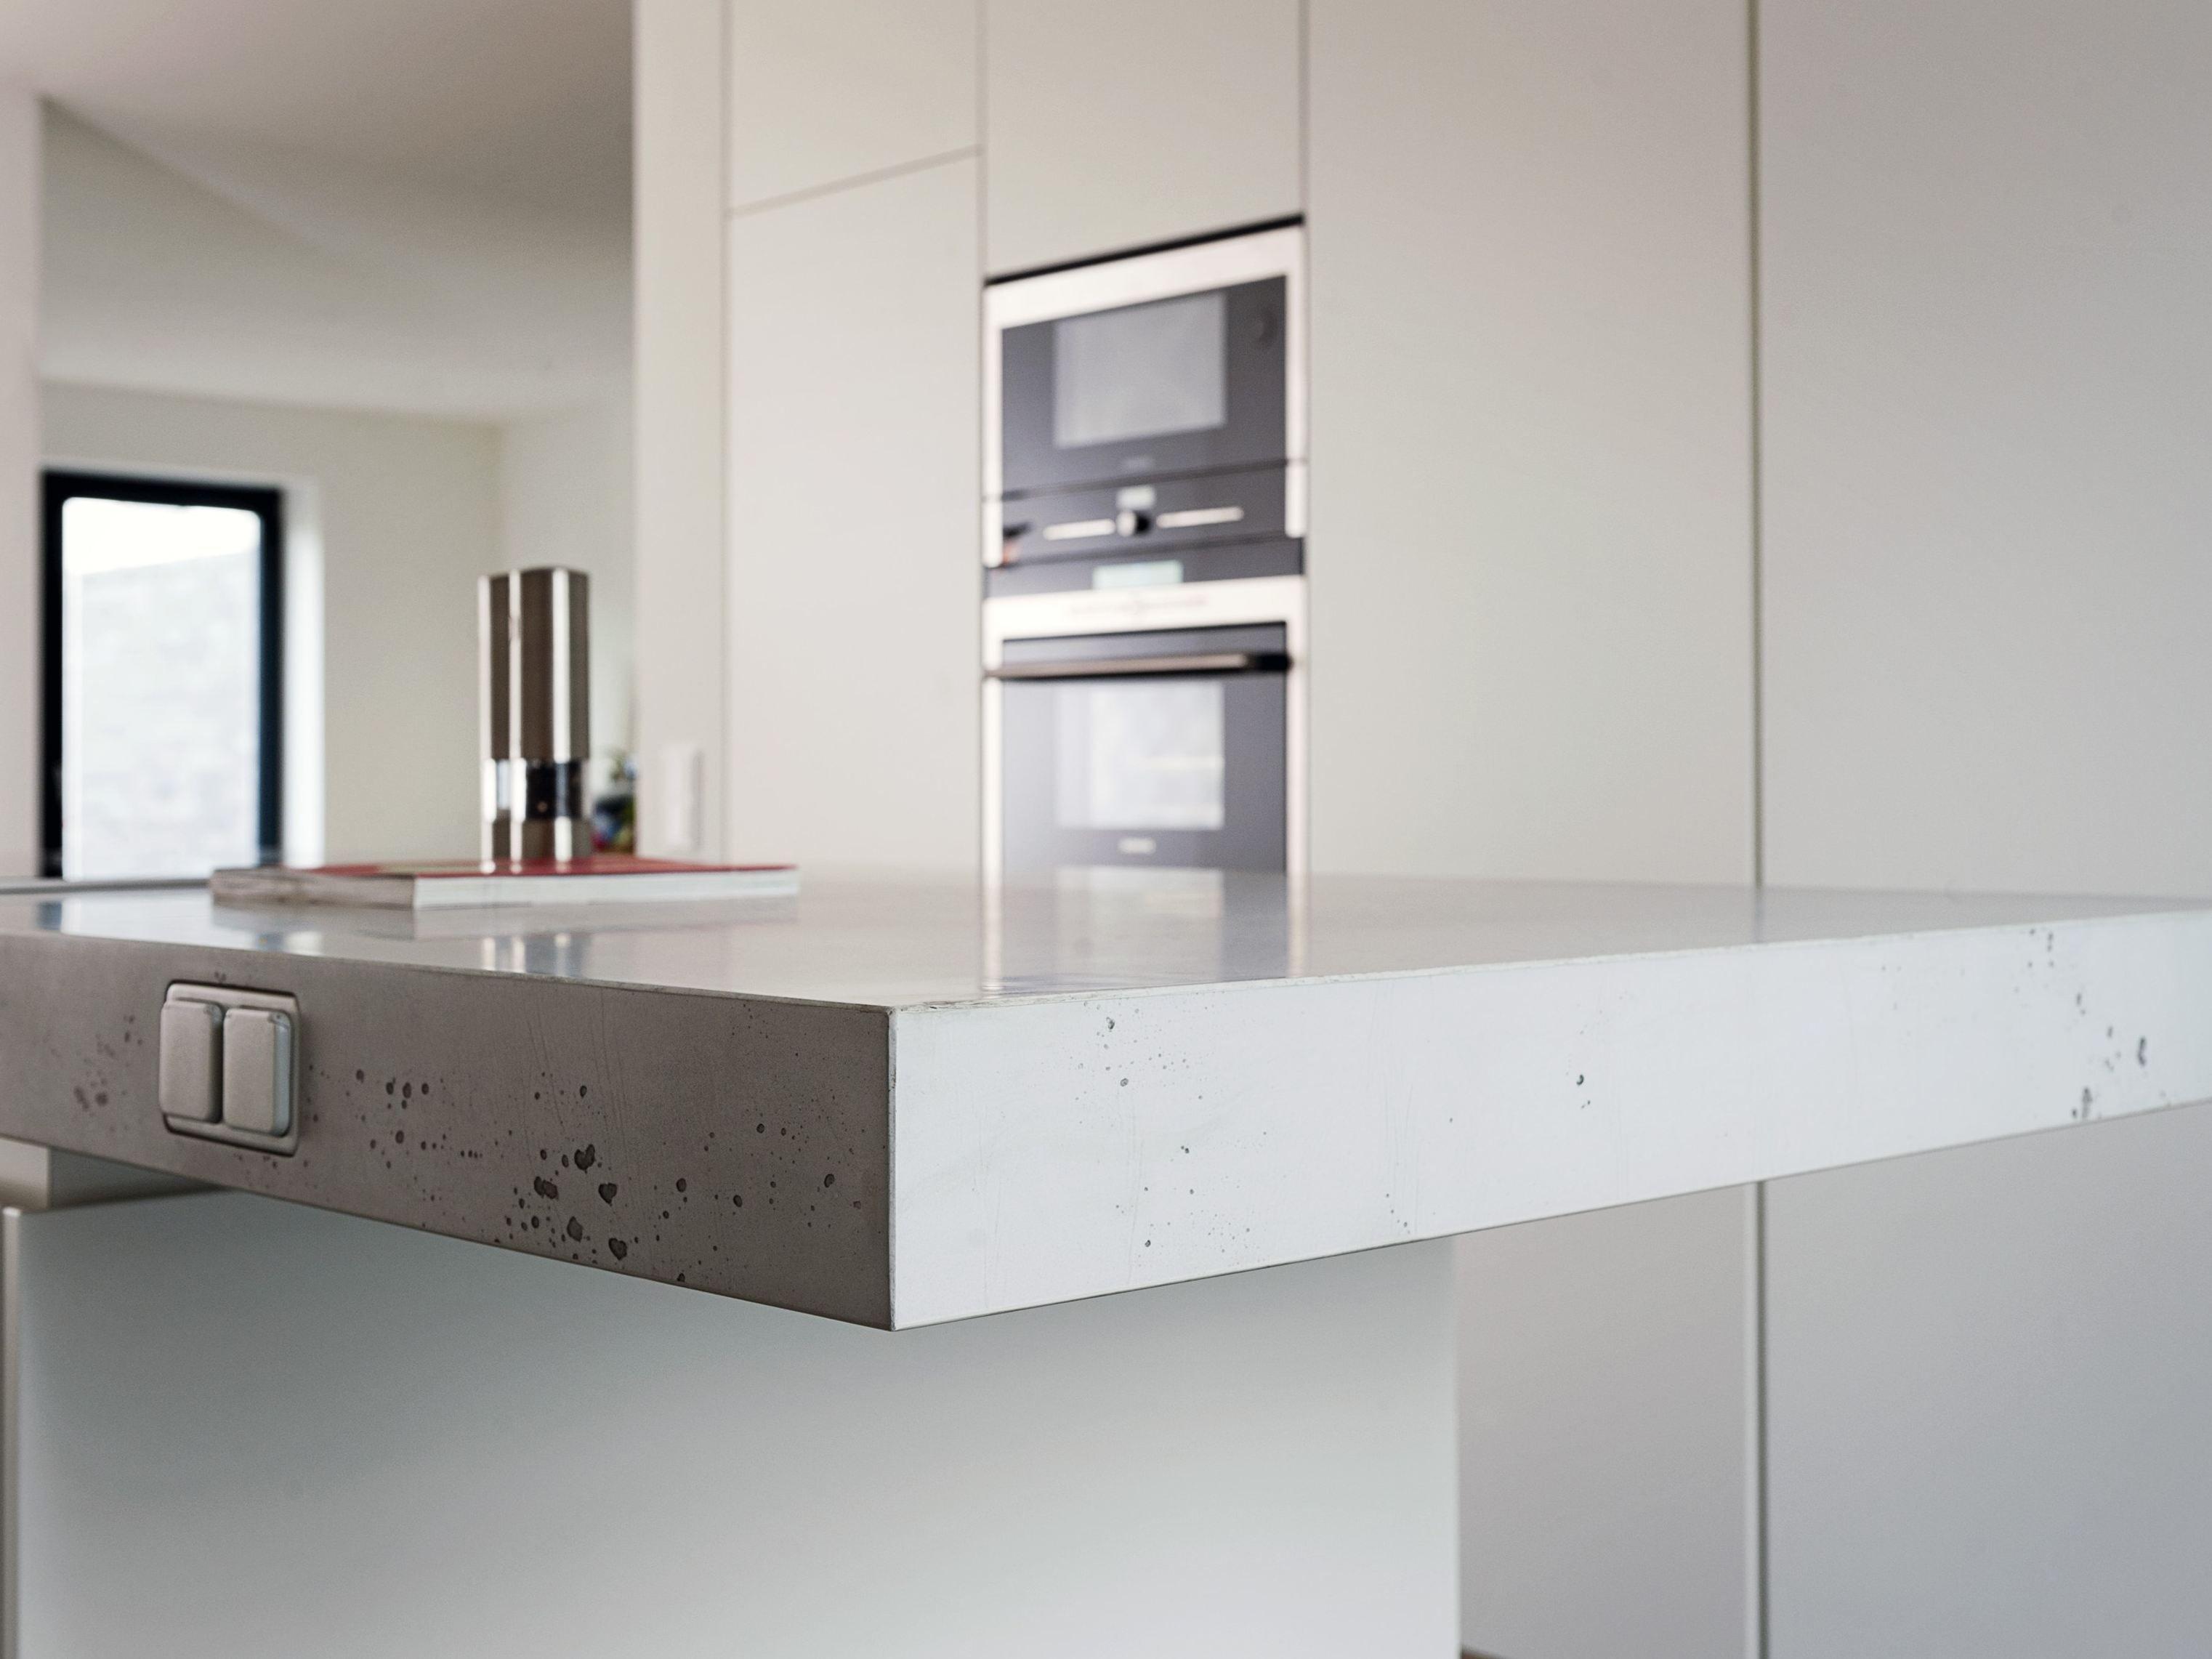 Encimera de cocina de madera contrachapada imi plus by - Sobre encimera cocina ...